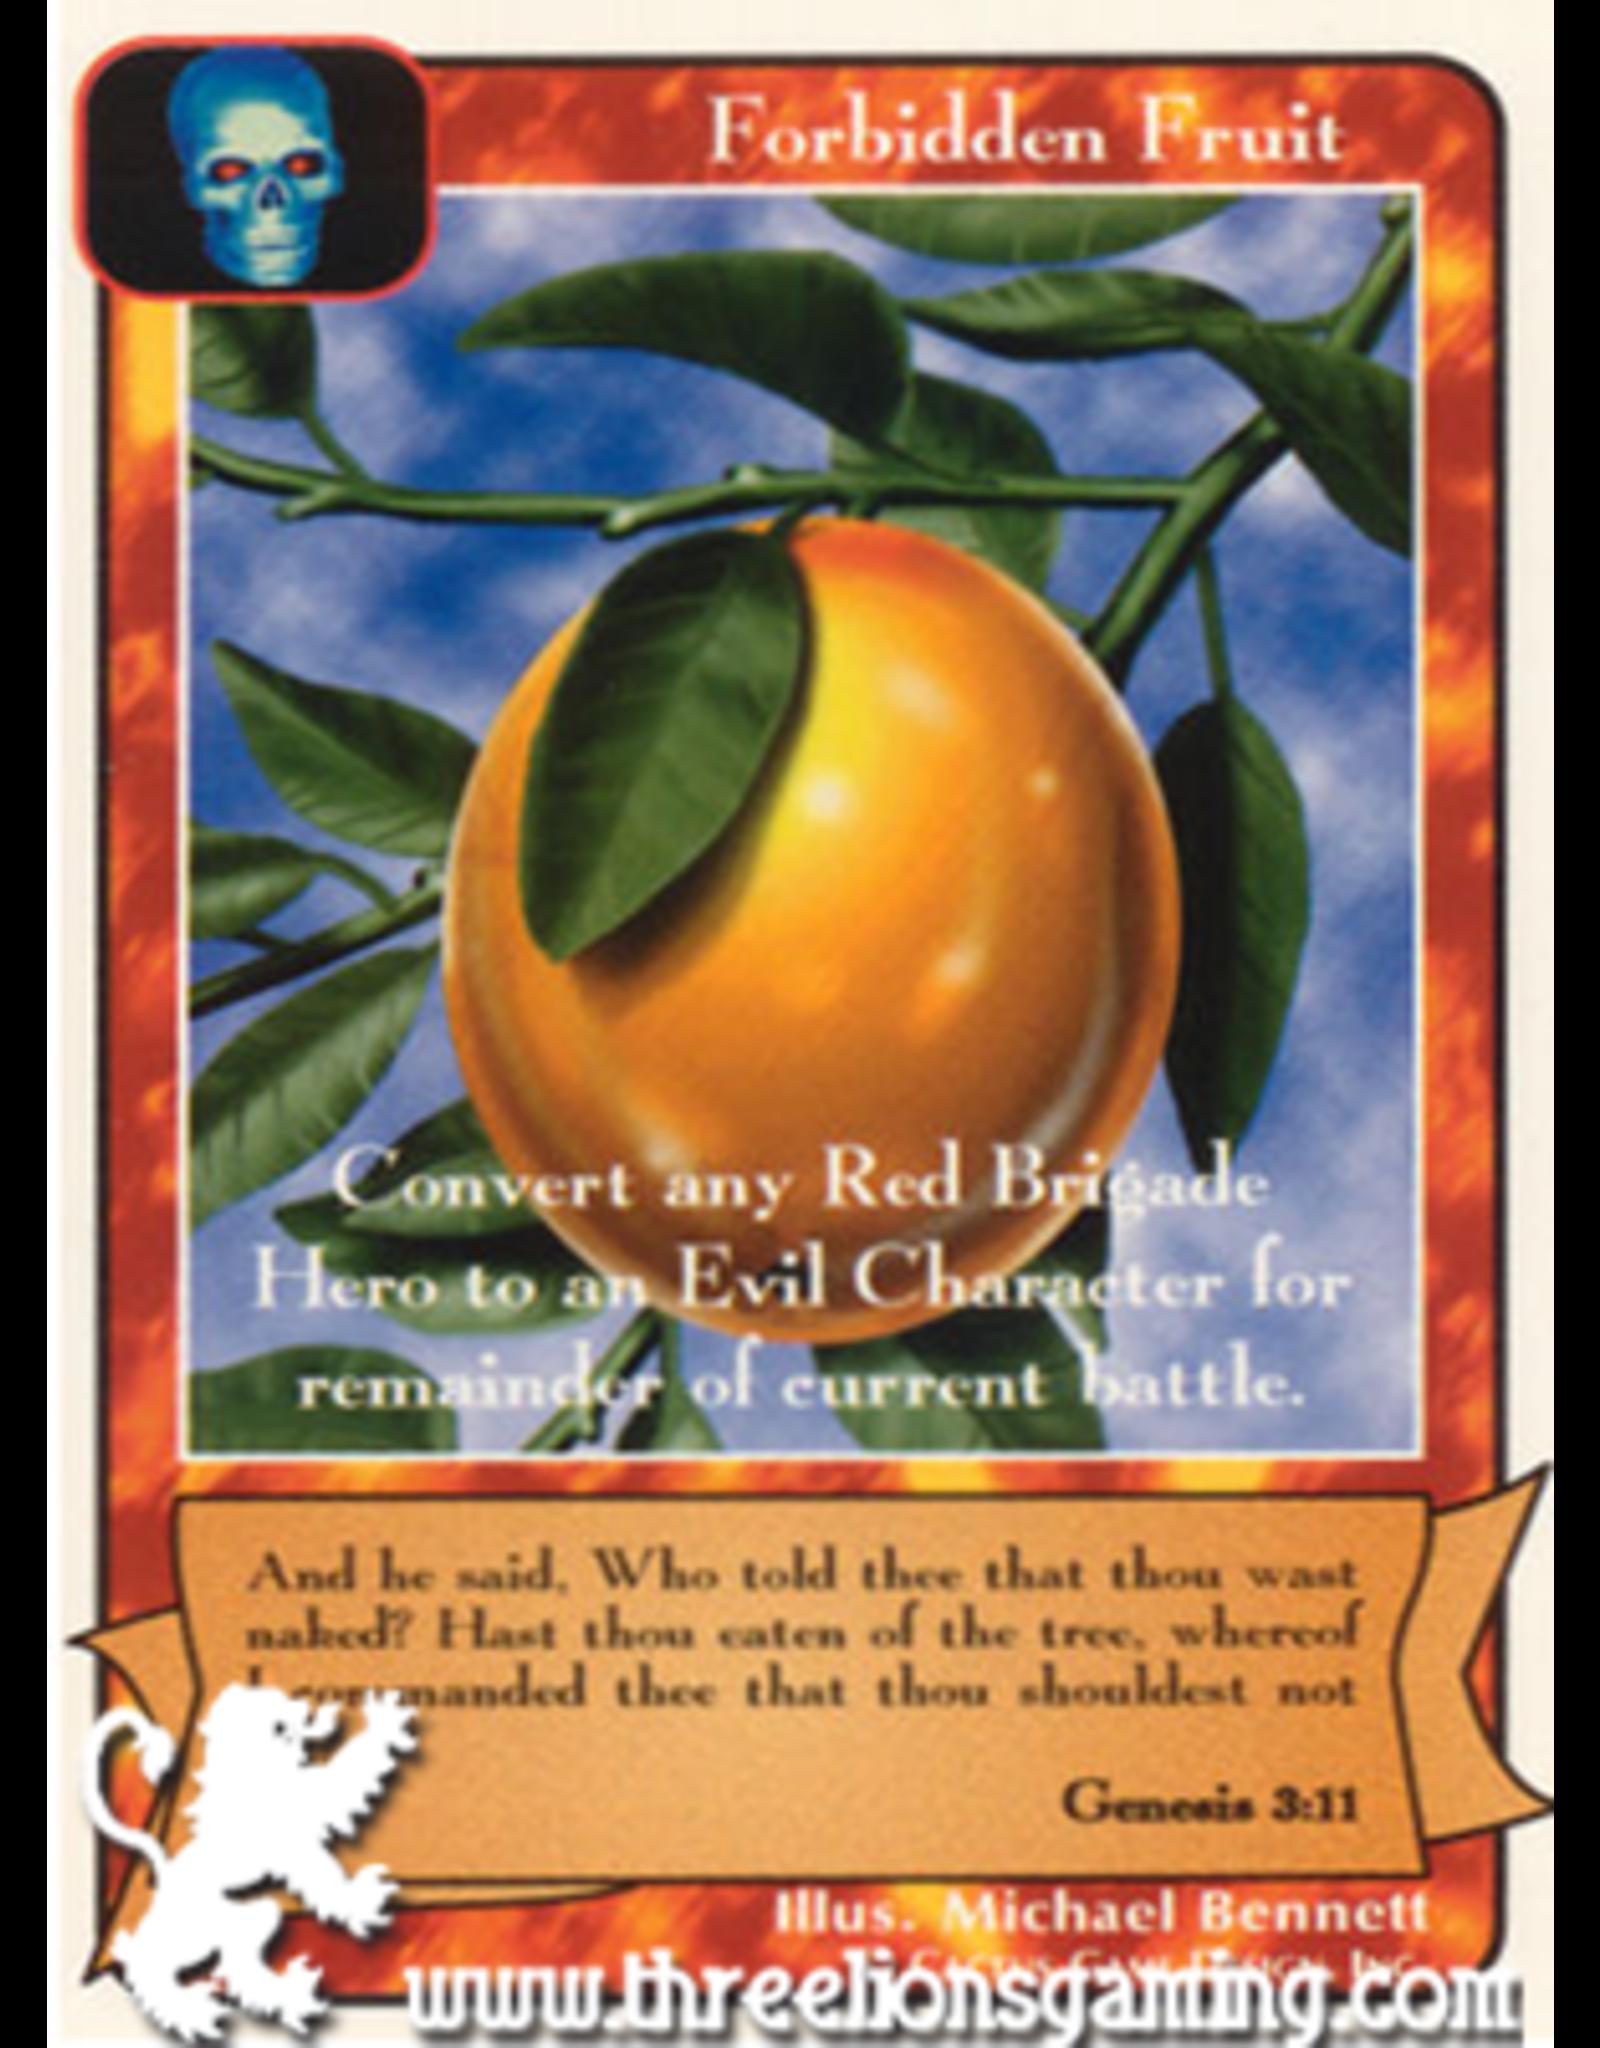 Wo: Forbidden Fruit